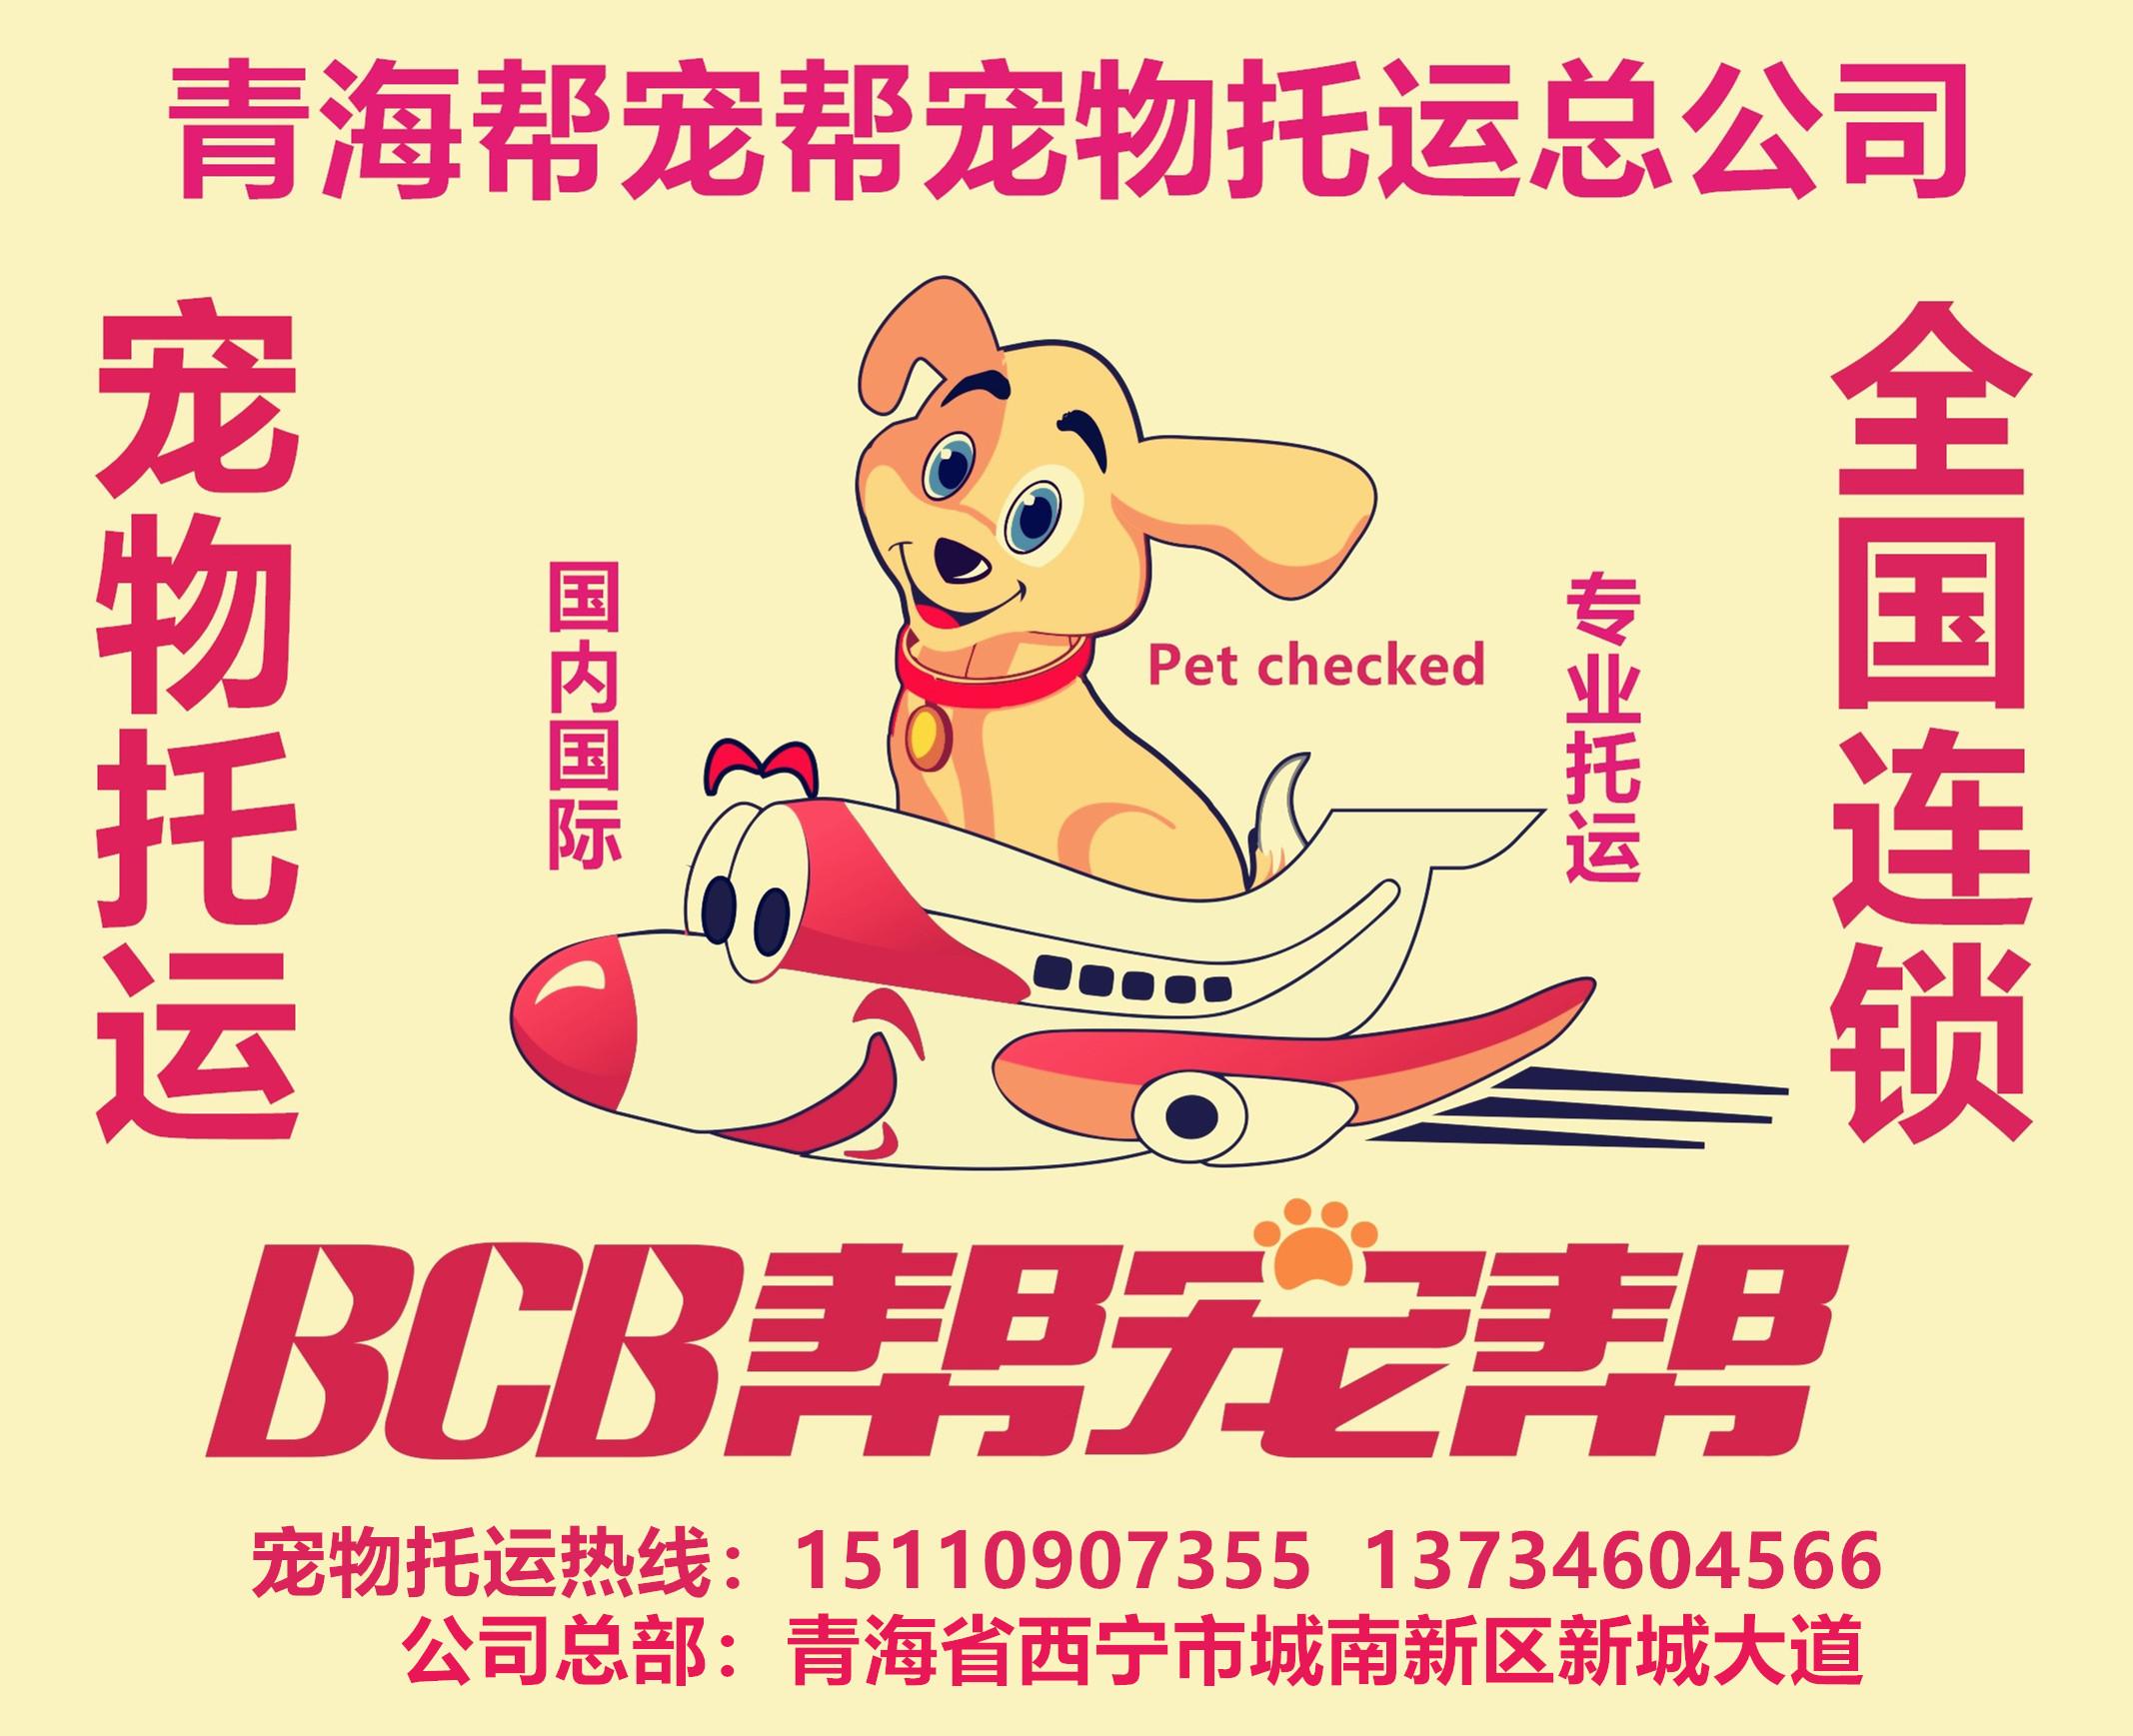 西宁宠物托运帮宠帮宠物托运公司安全可靠放心